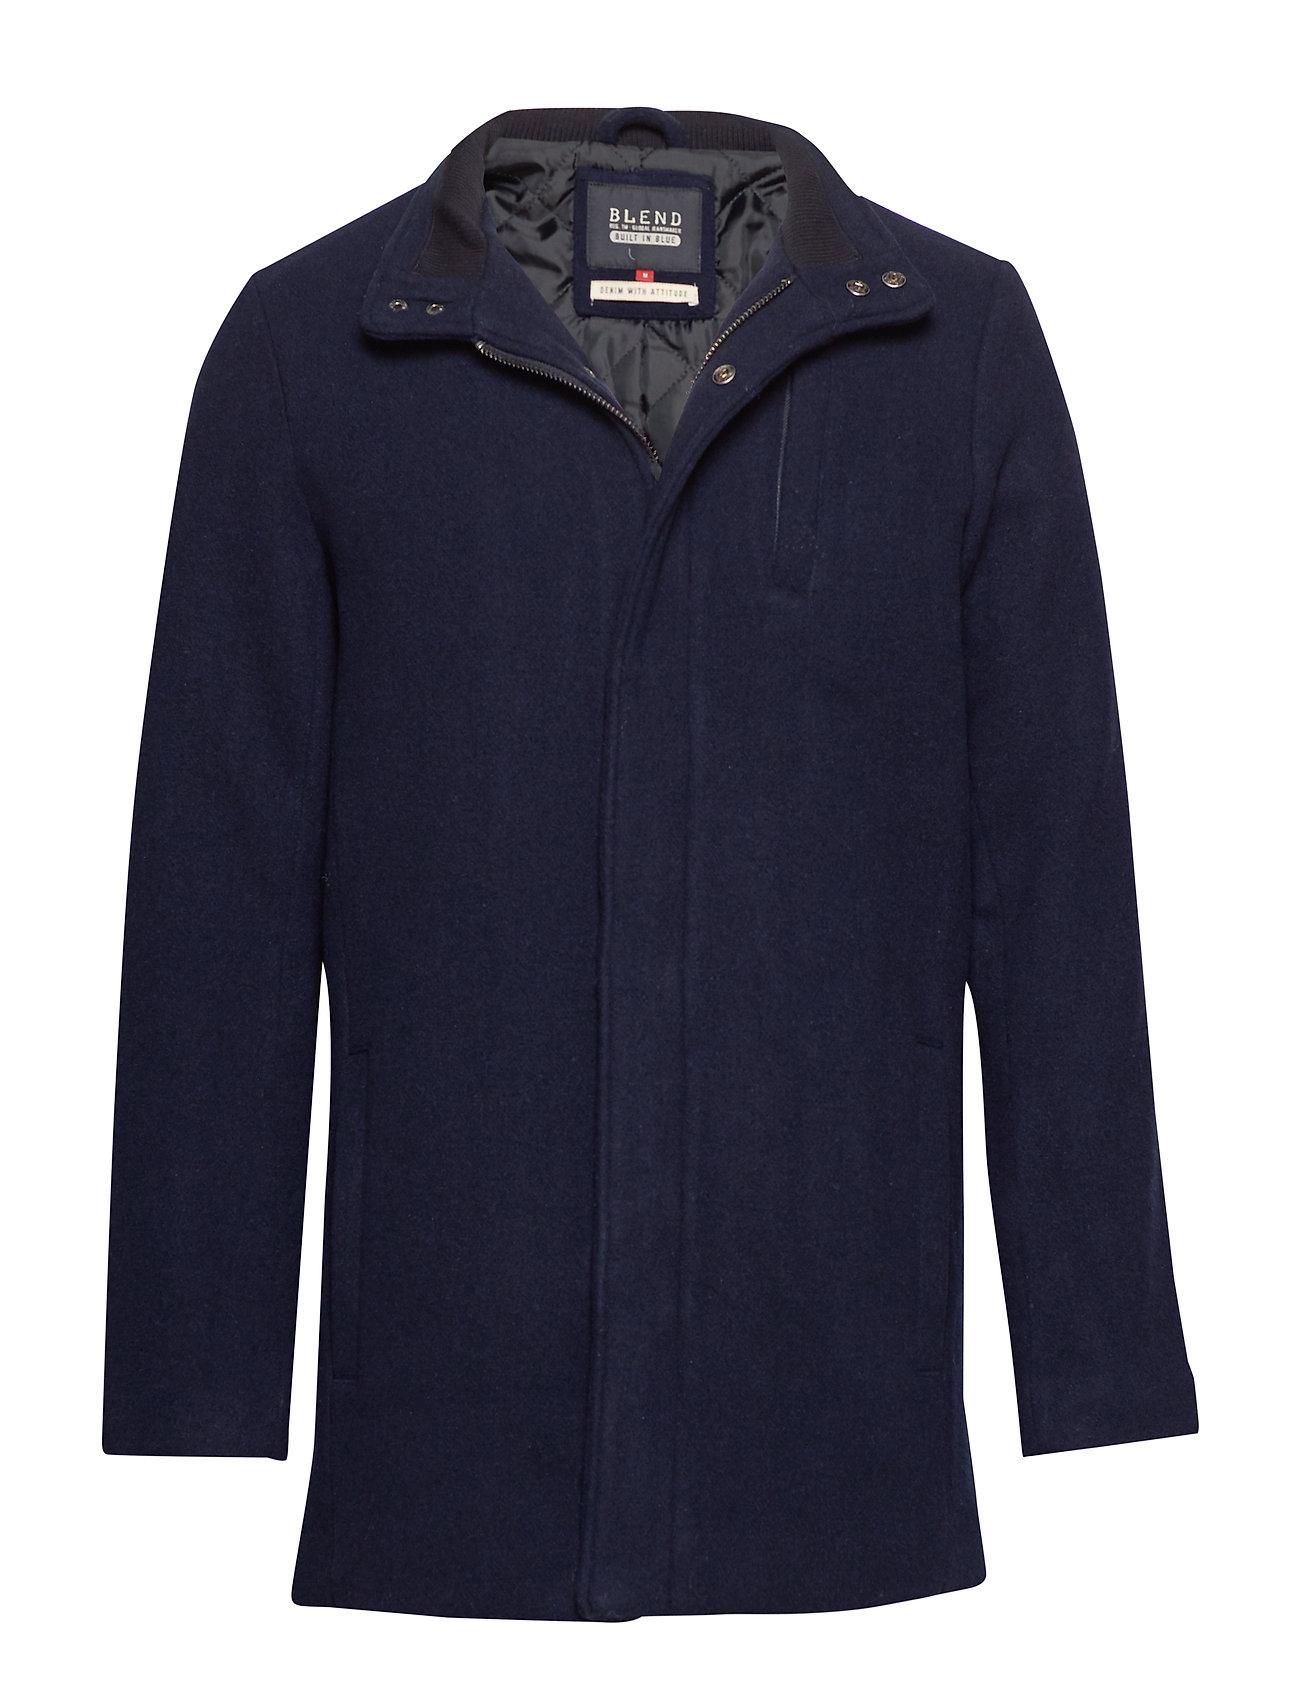 Blend Outerwear - DARK NAVY BLUE